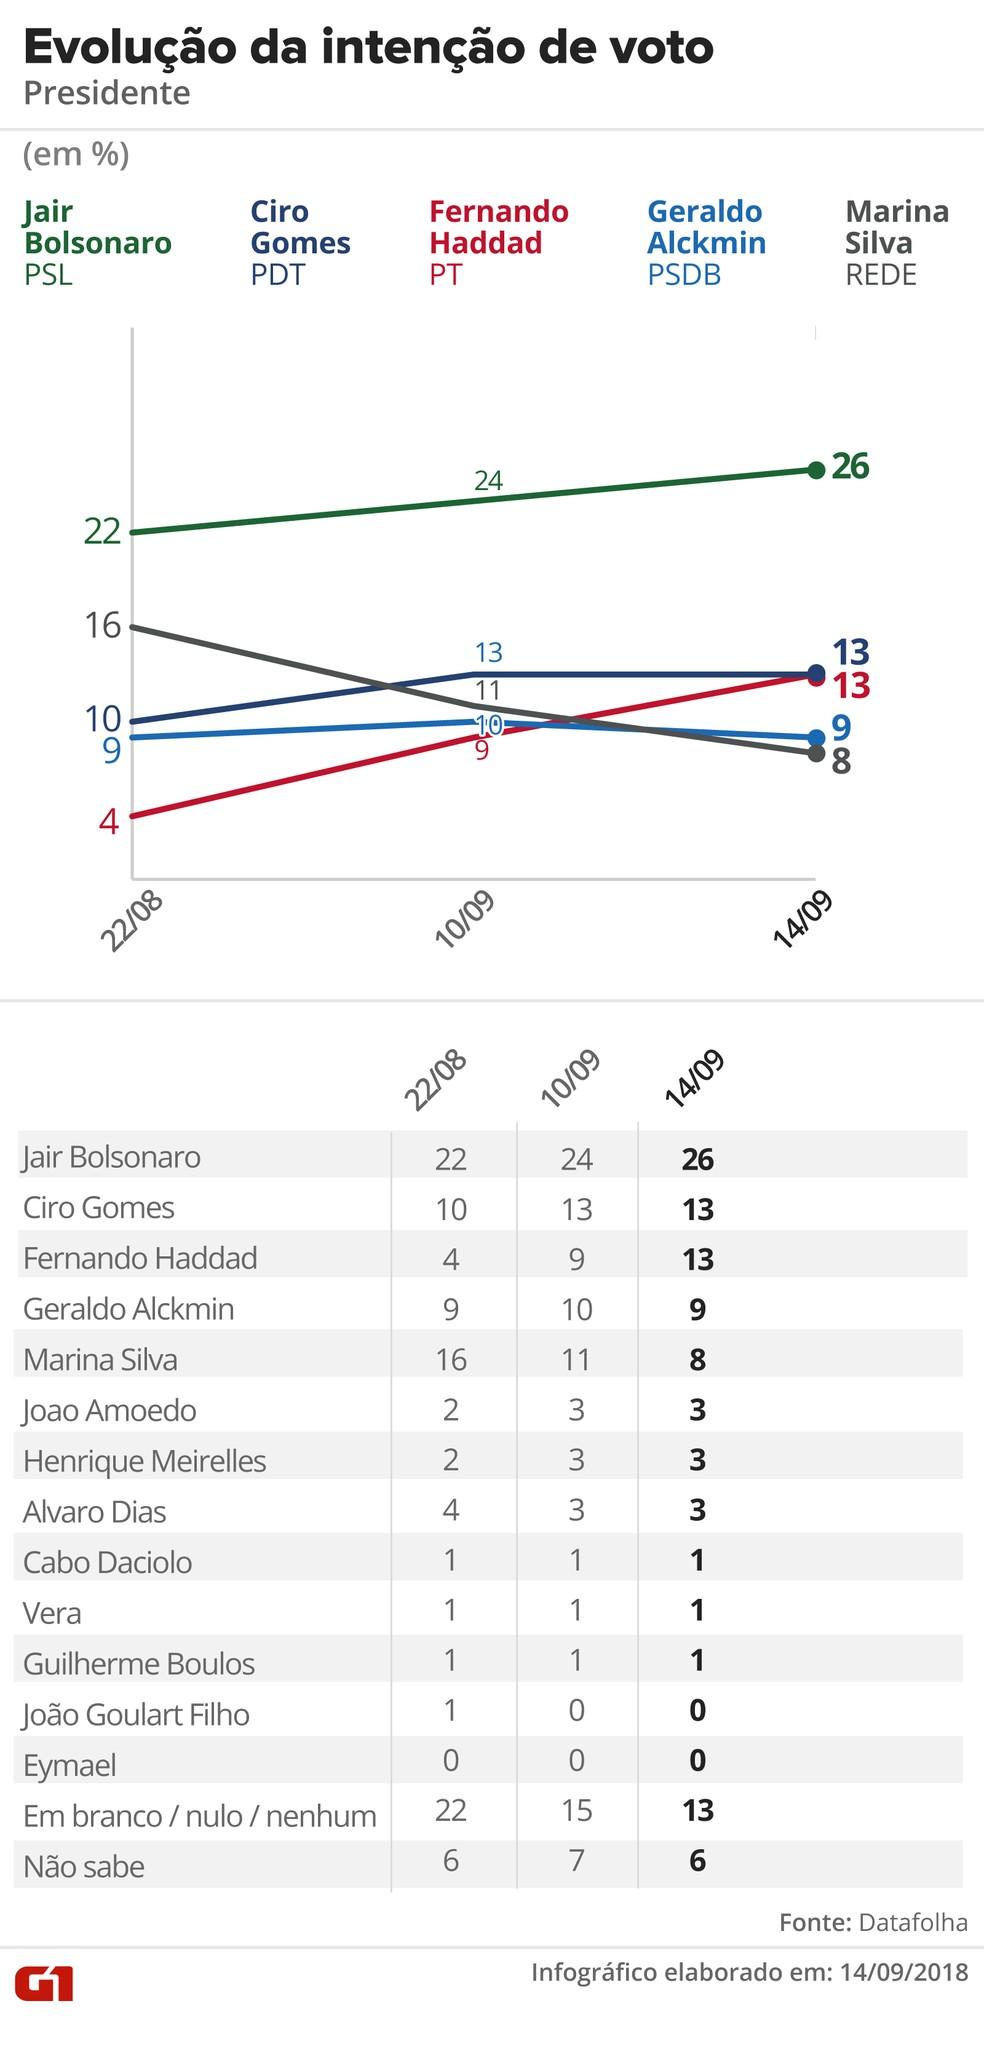 Datafolha - 14 de setembro - evolução da intenção de votos para presidente â?? Foto: Arte/G1